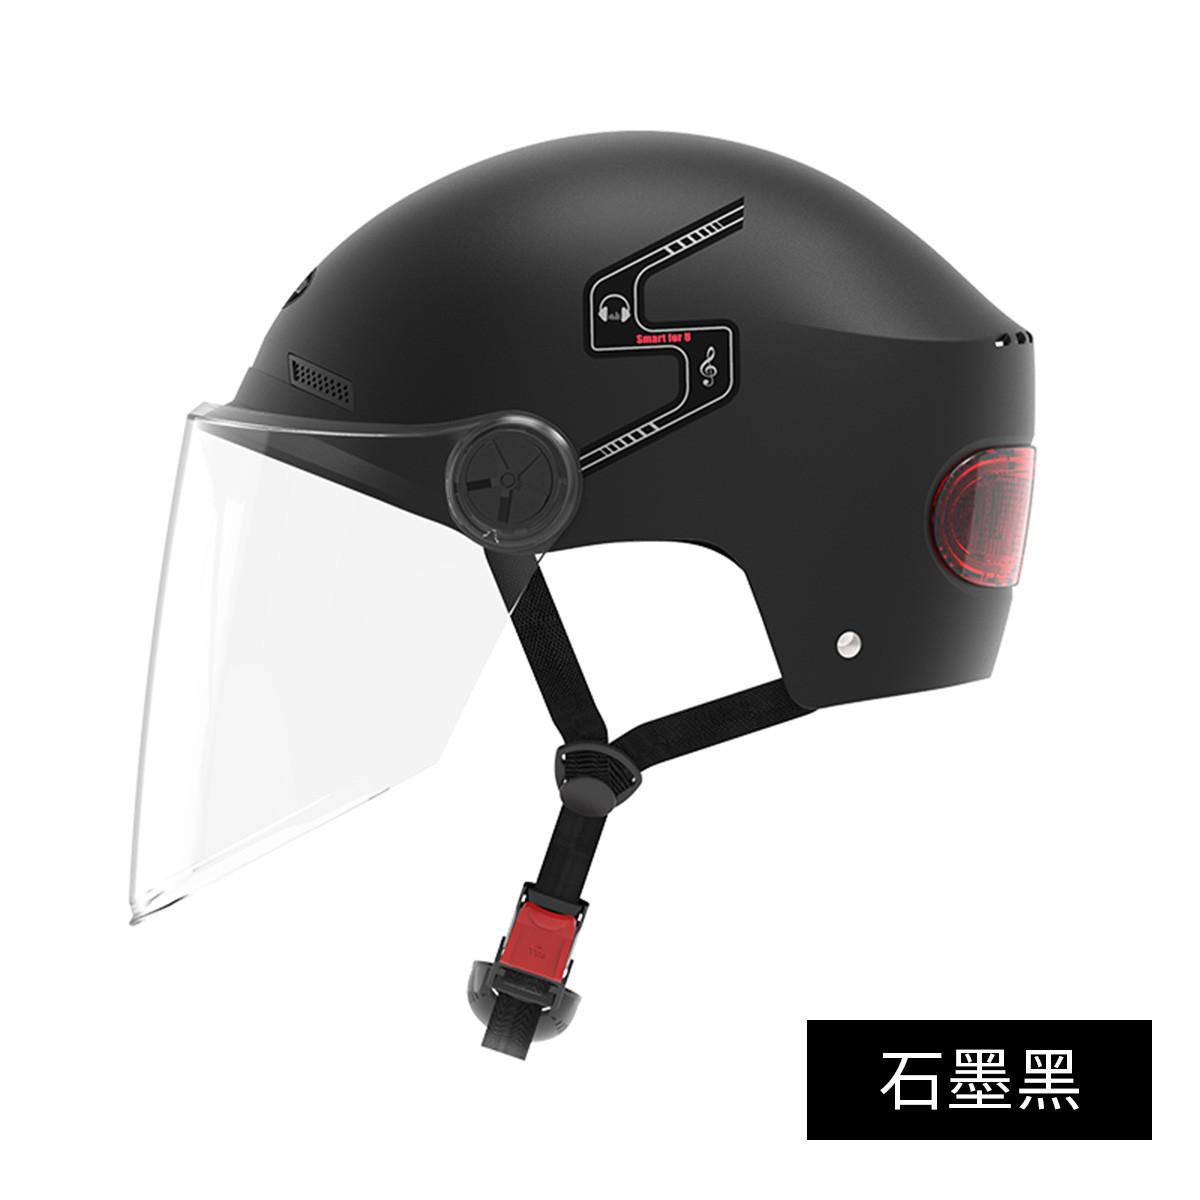 永久 SMART4U骑行头盔男女学生平衡车山地自行车电动电瓶车装备安全帽